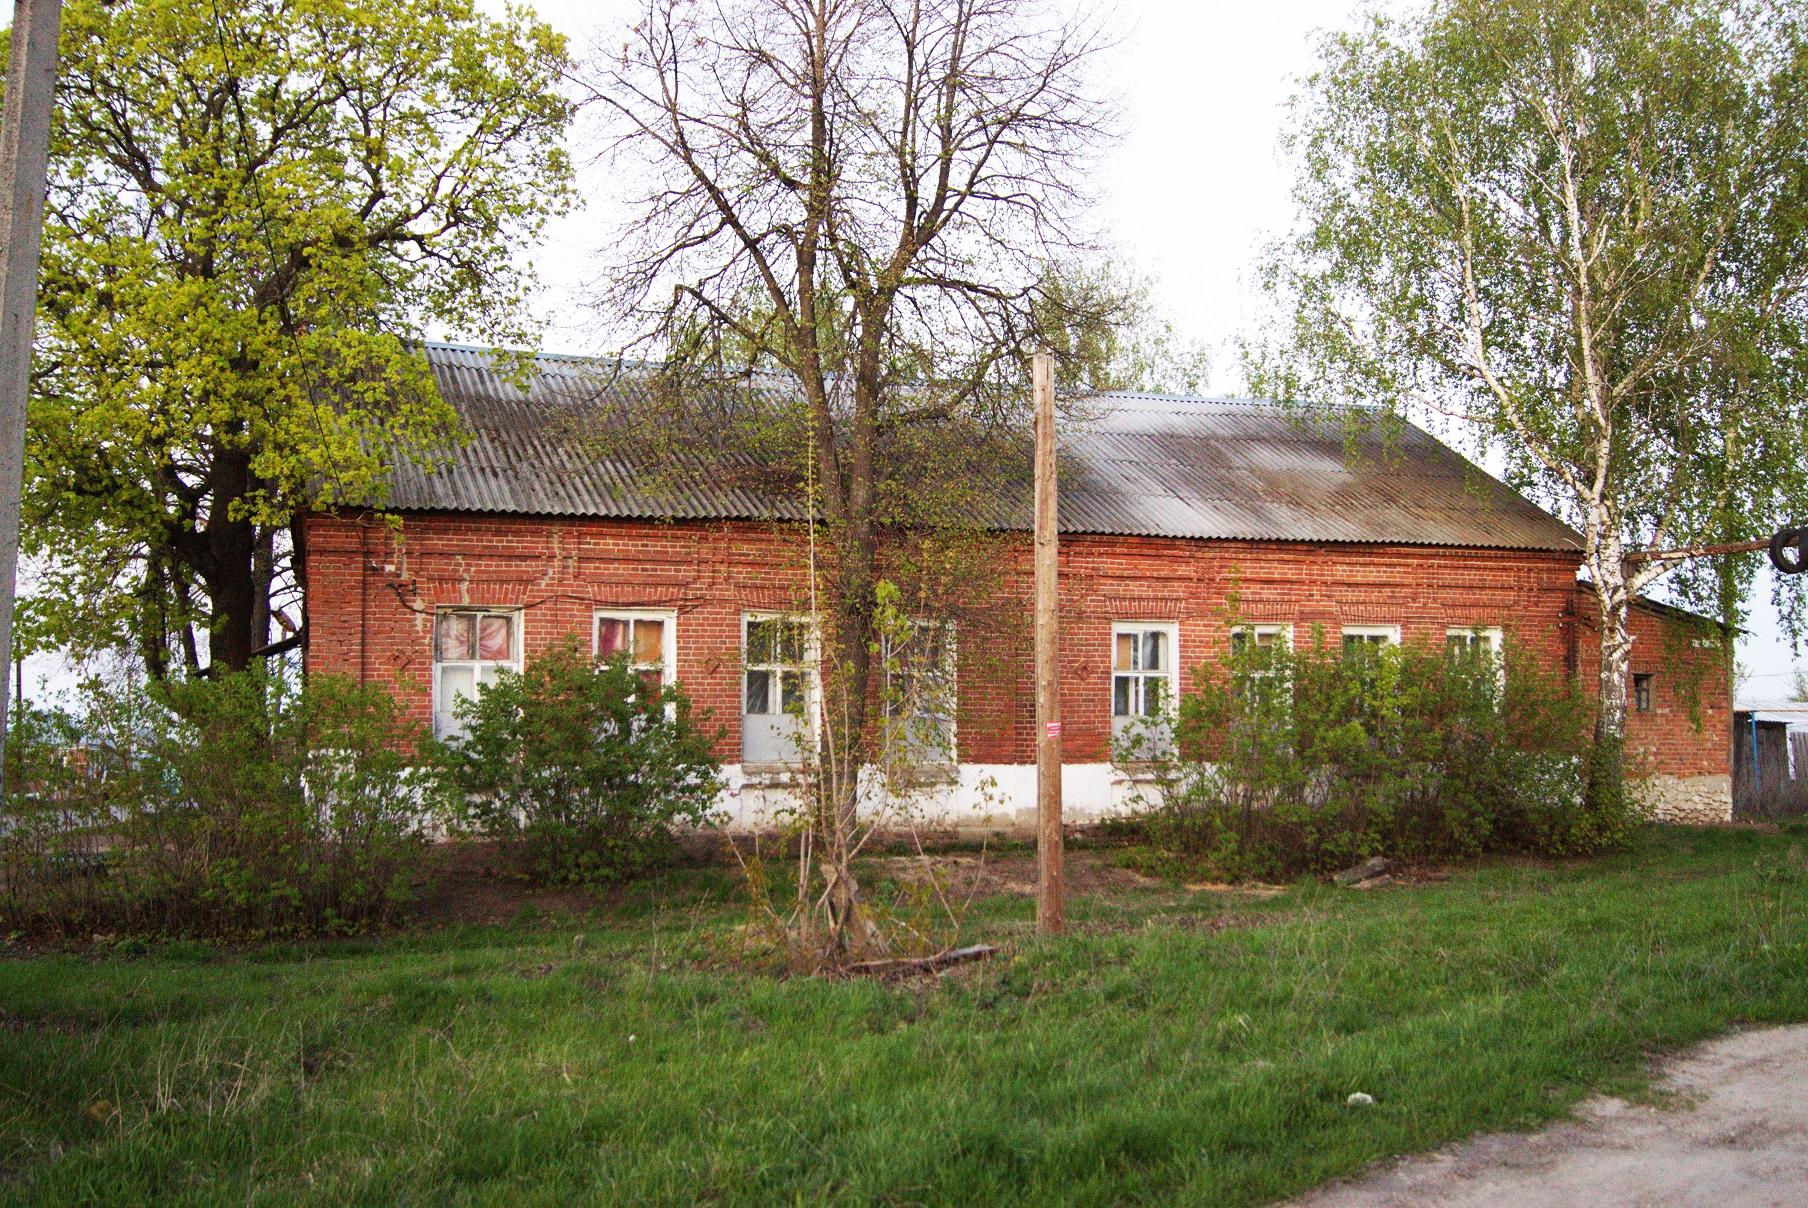 Здание бывшей земской школы в Исадах (ныне сельский клуб). Вид с запада. 2015.